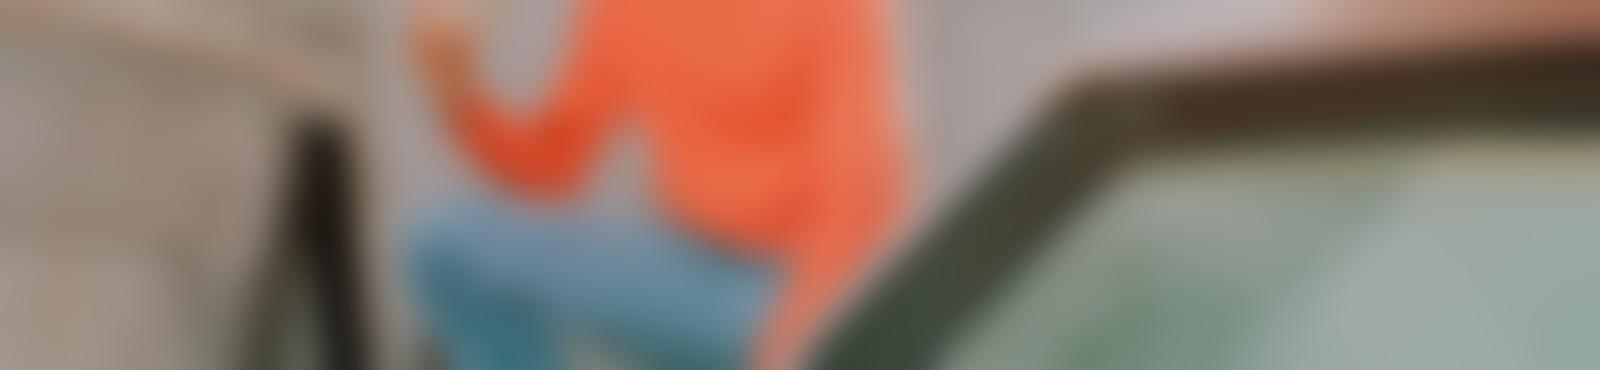 Blurred 7e041008 dd3d 4cf9 a1ec 61fae39dee8d